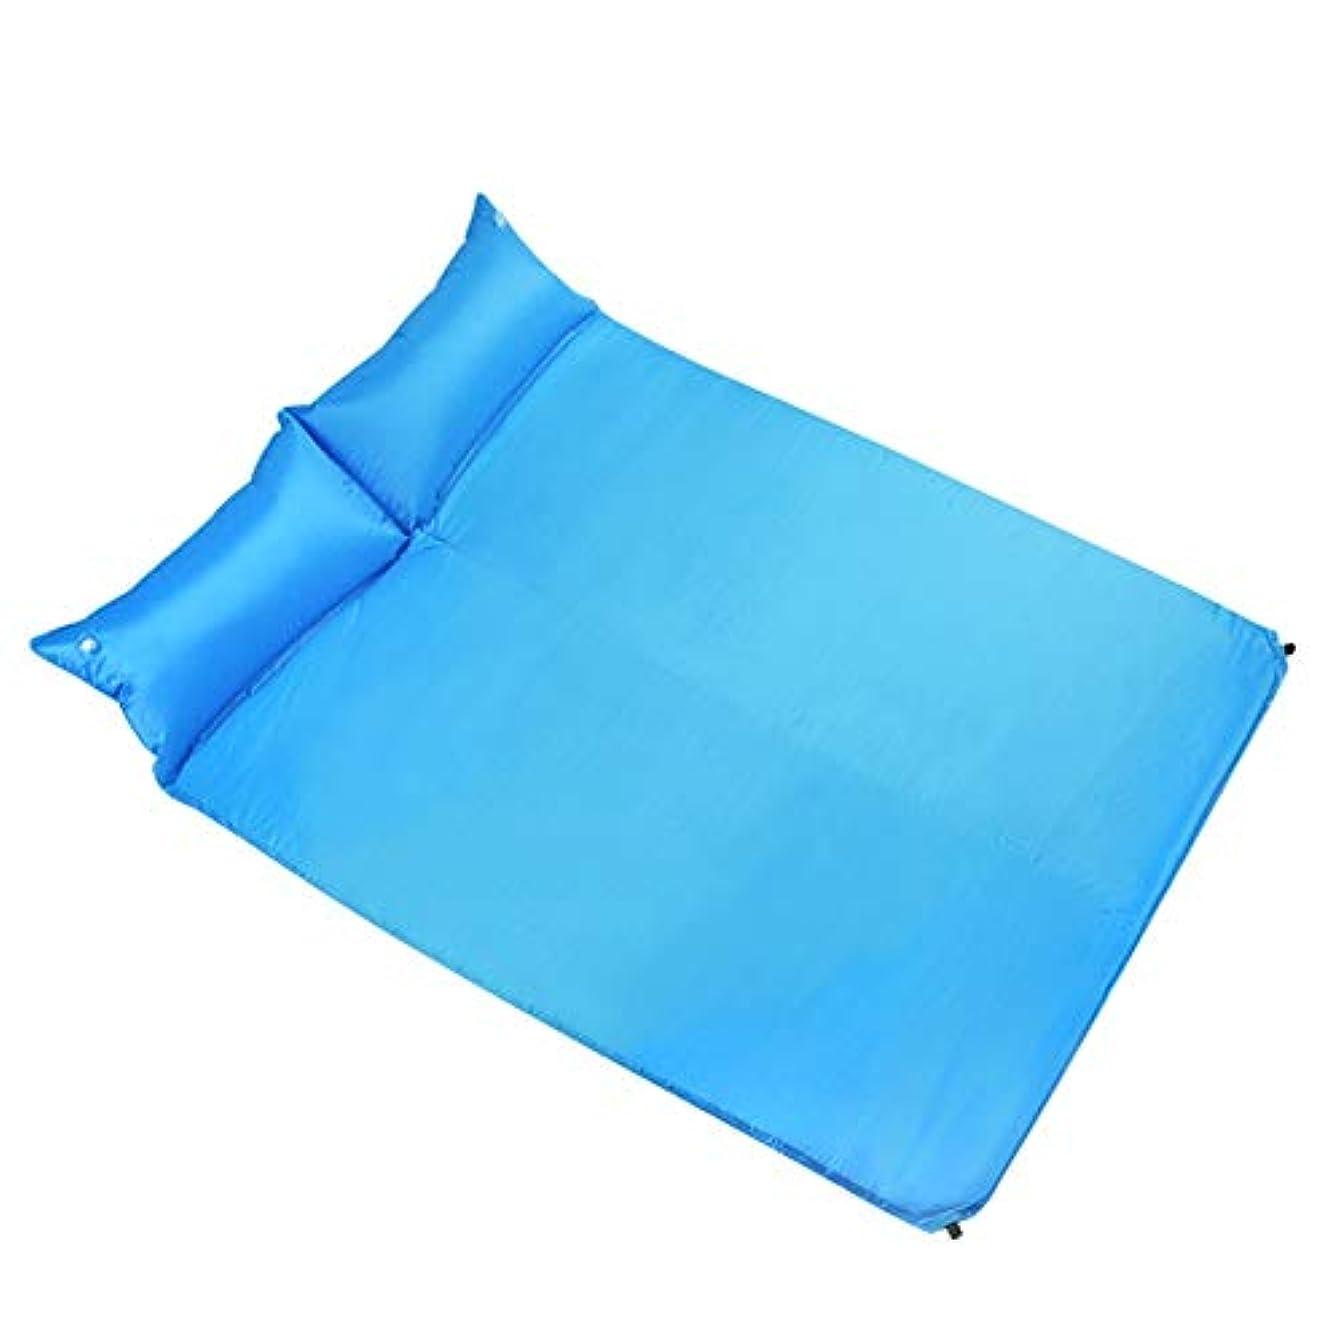 品種病者試みるTLMYDD スリーピングマット屋外テントスリーピングマット水分パッド自動インフレータブルクッション拡幅キャンプキャンプ 寝袋 (Color : Blue)